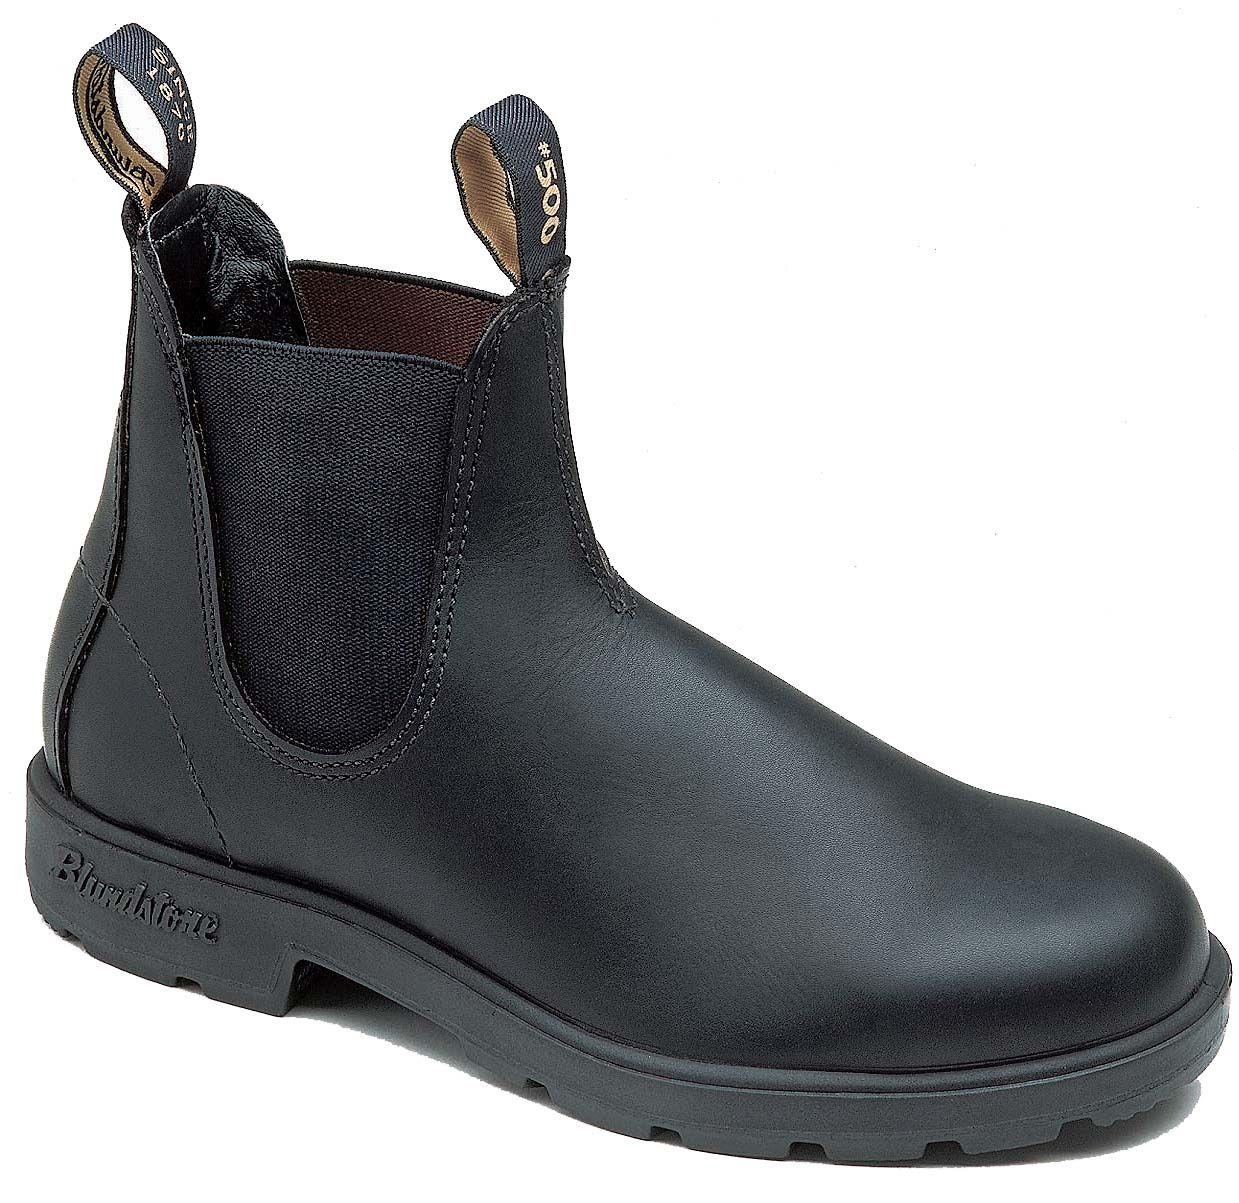 Blundstone Model 510. Den klassiske Blundstone støvle i sort læder og elastik. En støvle til hverdag, fritid og arbejde.